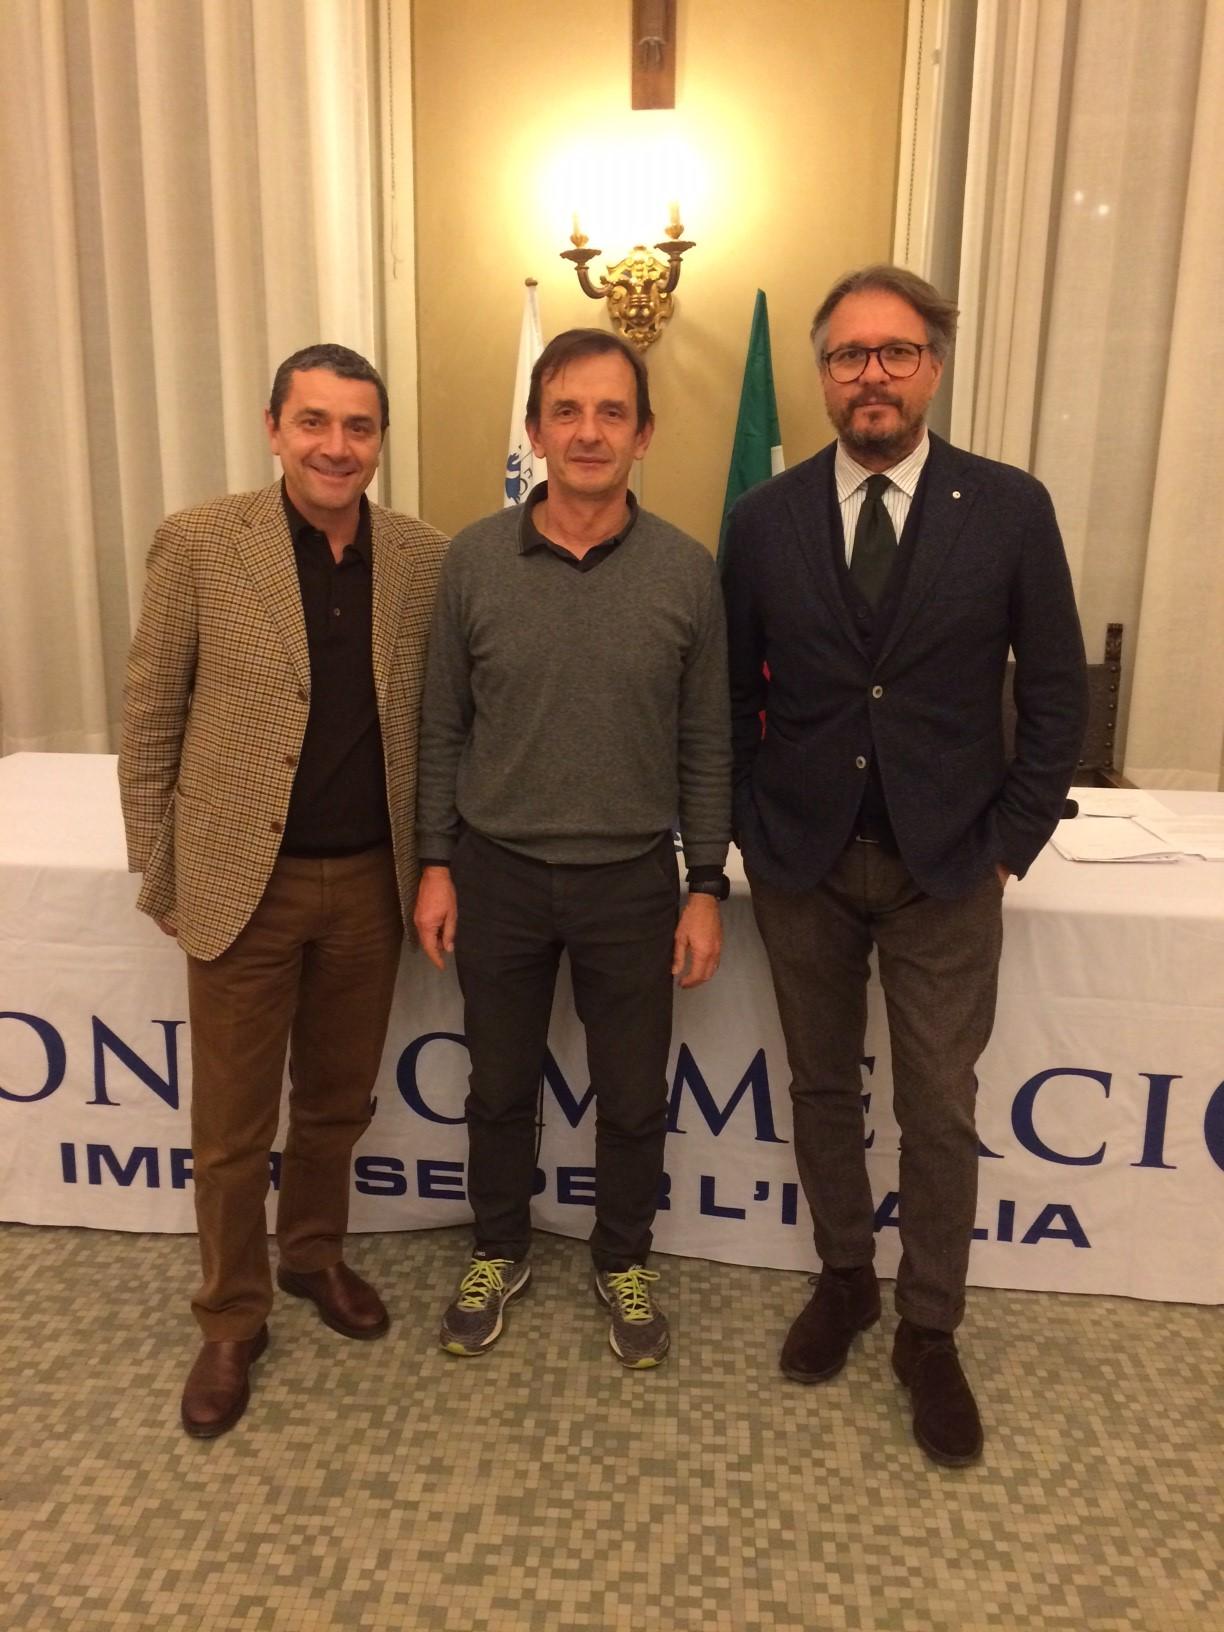 Piero Bertolani e Roberto Lari vice presidenti di Confcommercio Lucca e Massa Carrara